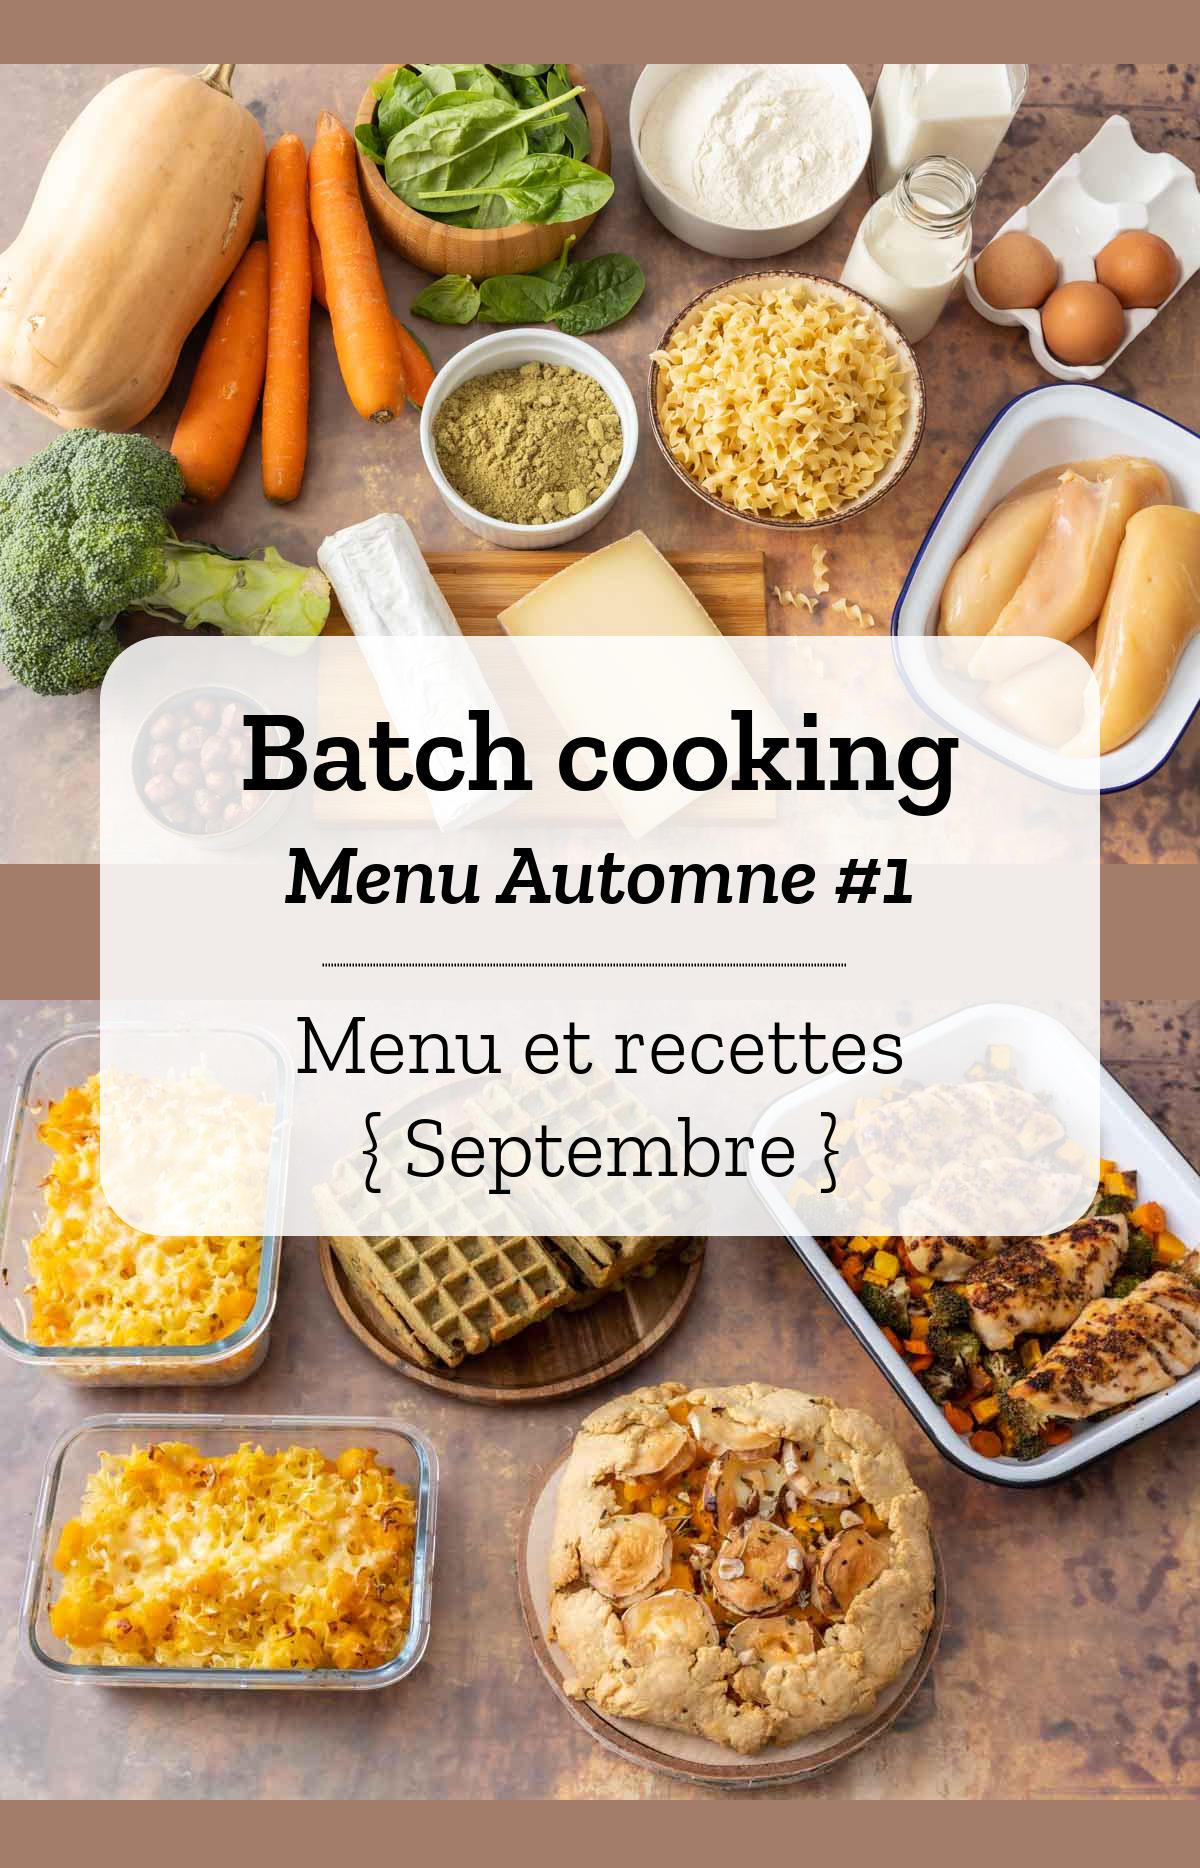 Batch cooking Automne #1 – Mois de Septembre – Semaine 39